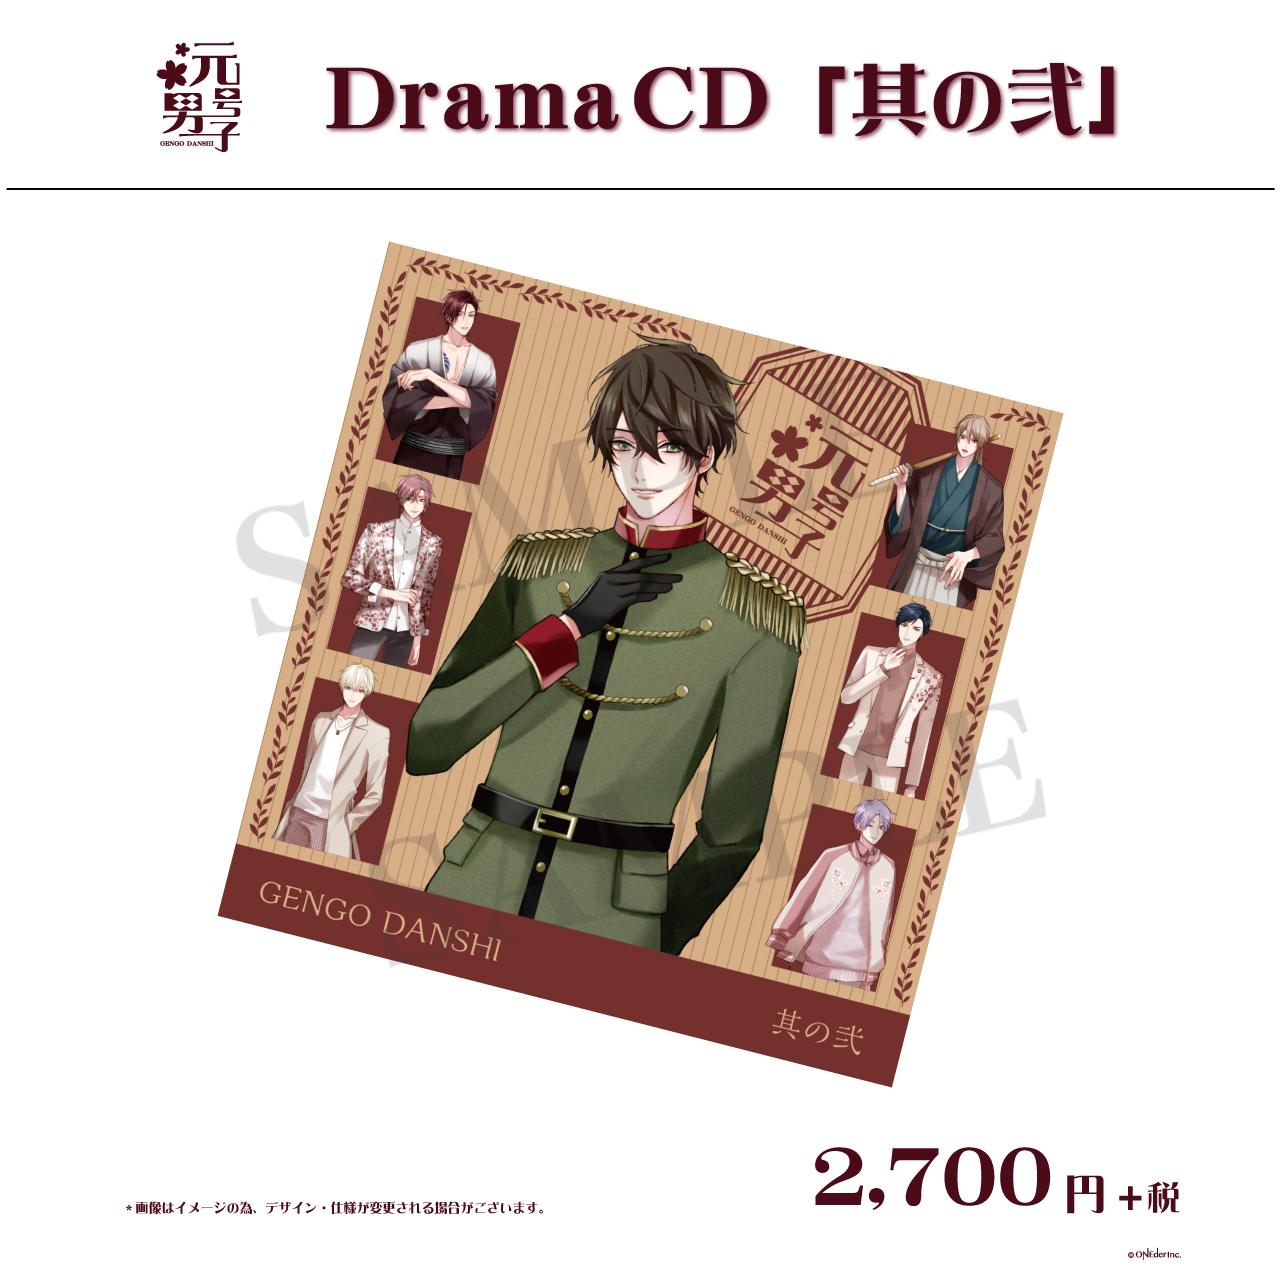 【通常版 購入特典付】元号男子 DramaCD「其の弐」